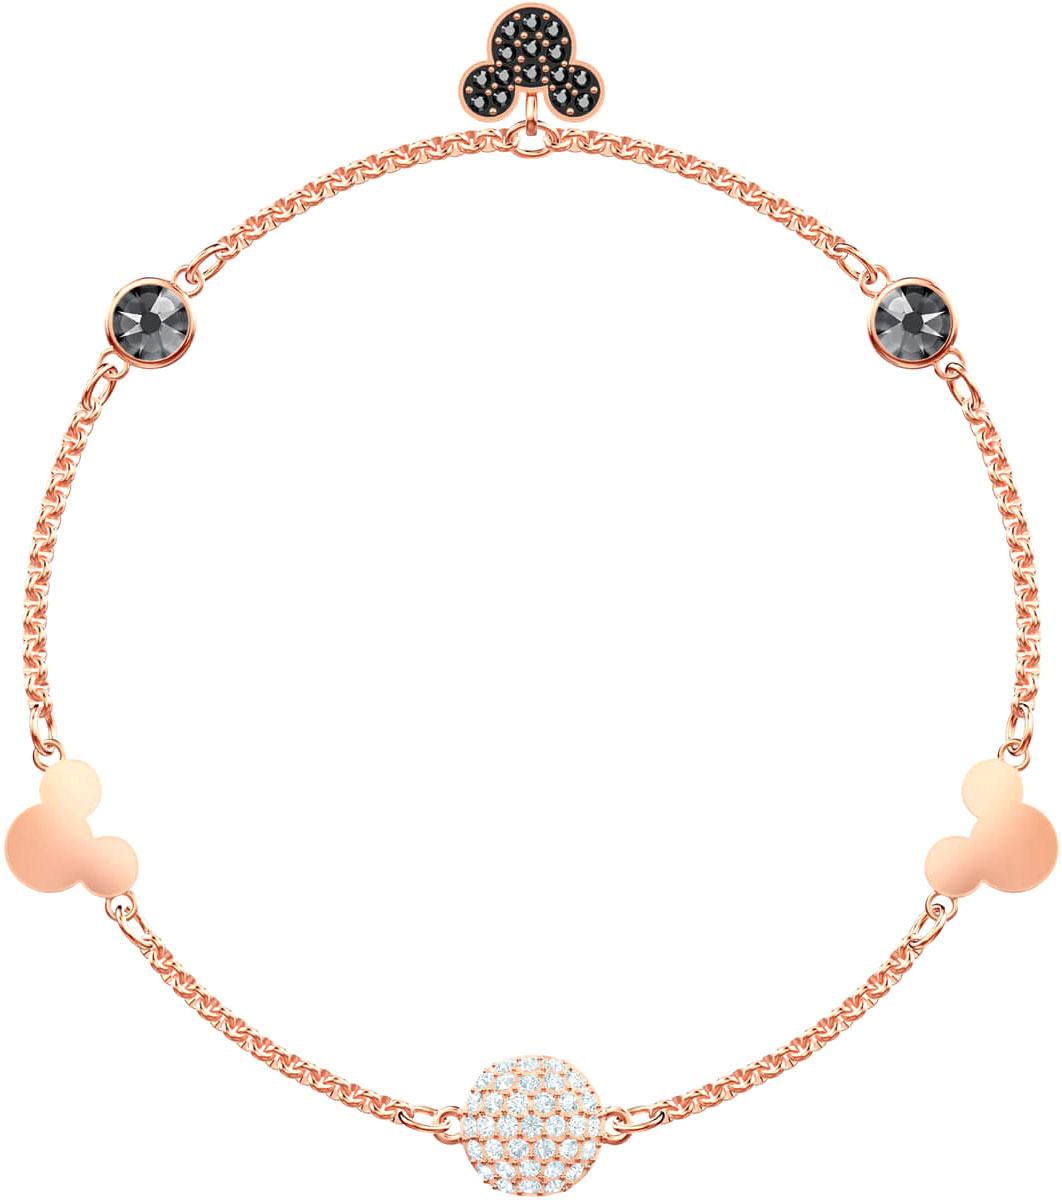 Браслеты Swarovski 5470622 муж wrap браслеты винтаж браслеты уникальный дизайн мода браслеты черный коричневый назначение новогодние подарки спорт